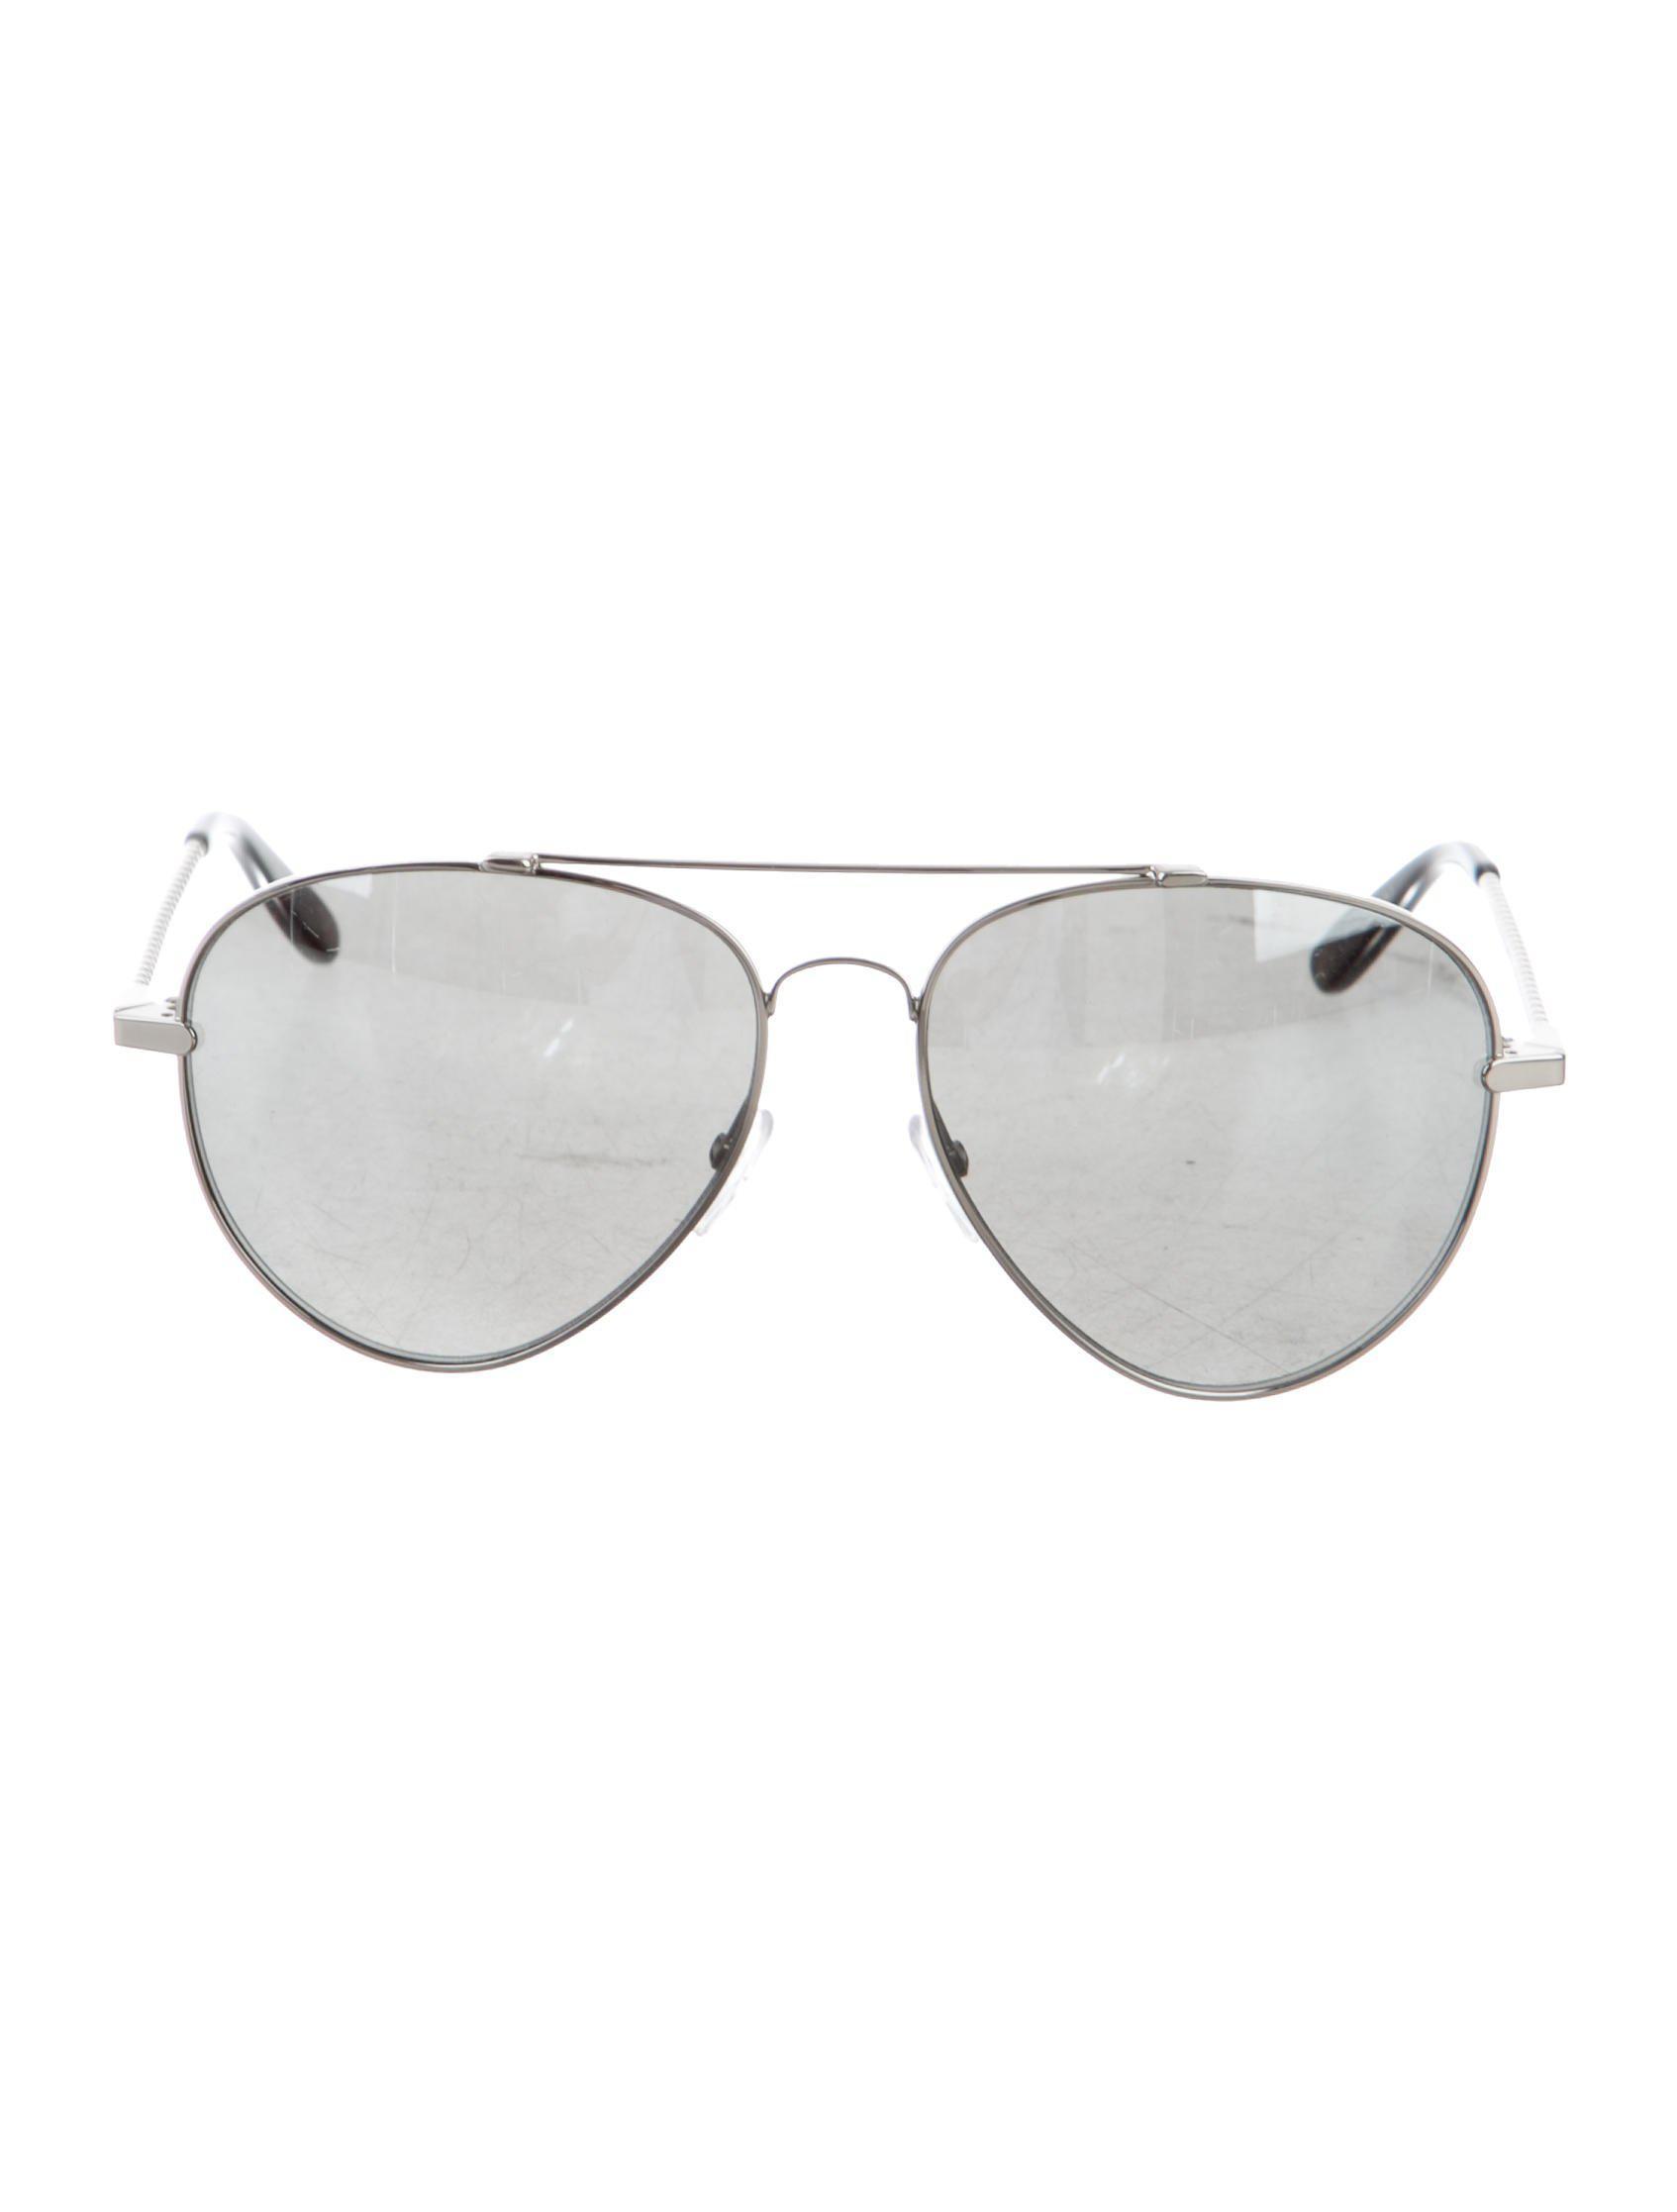 ec62166f931 Lyst - Bottega Veneta Aviator Sunglasses Silver in Metallic